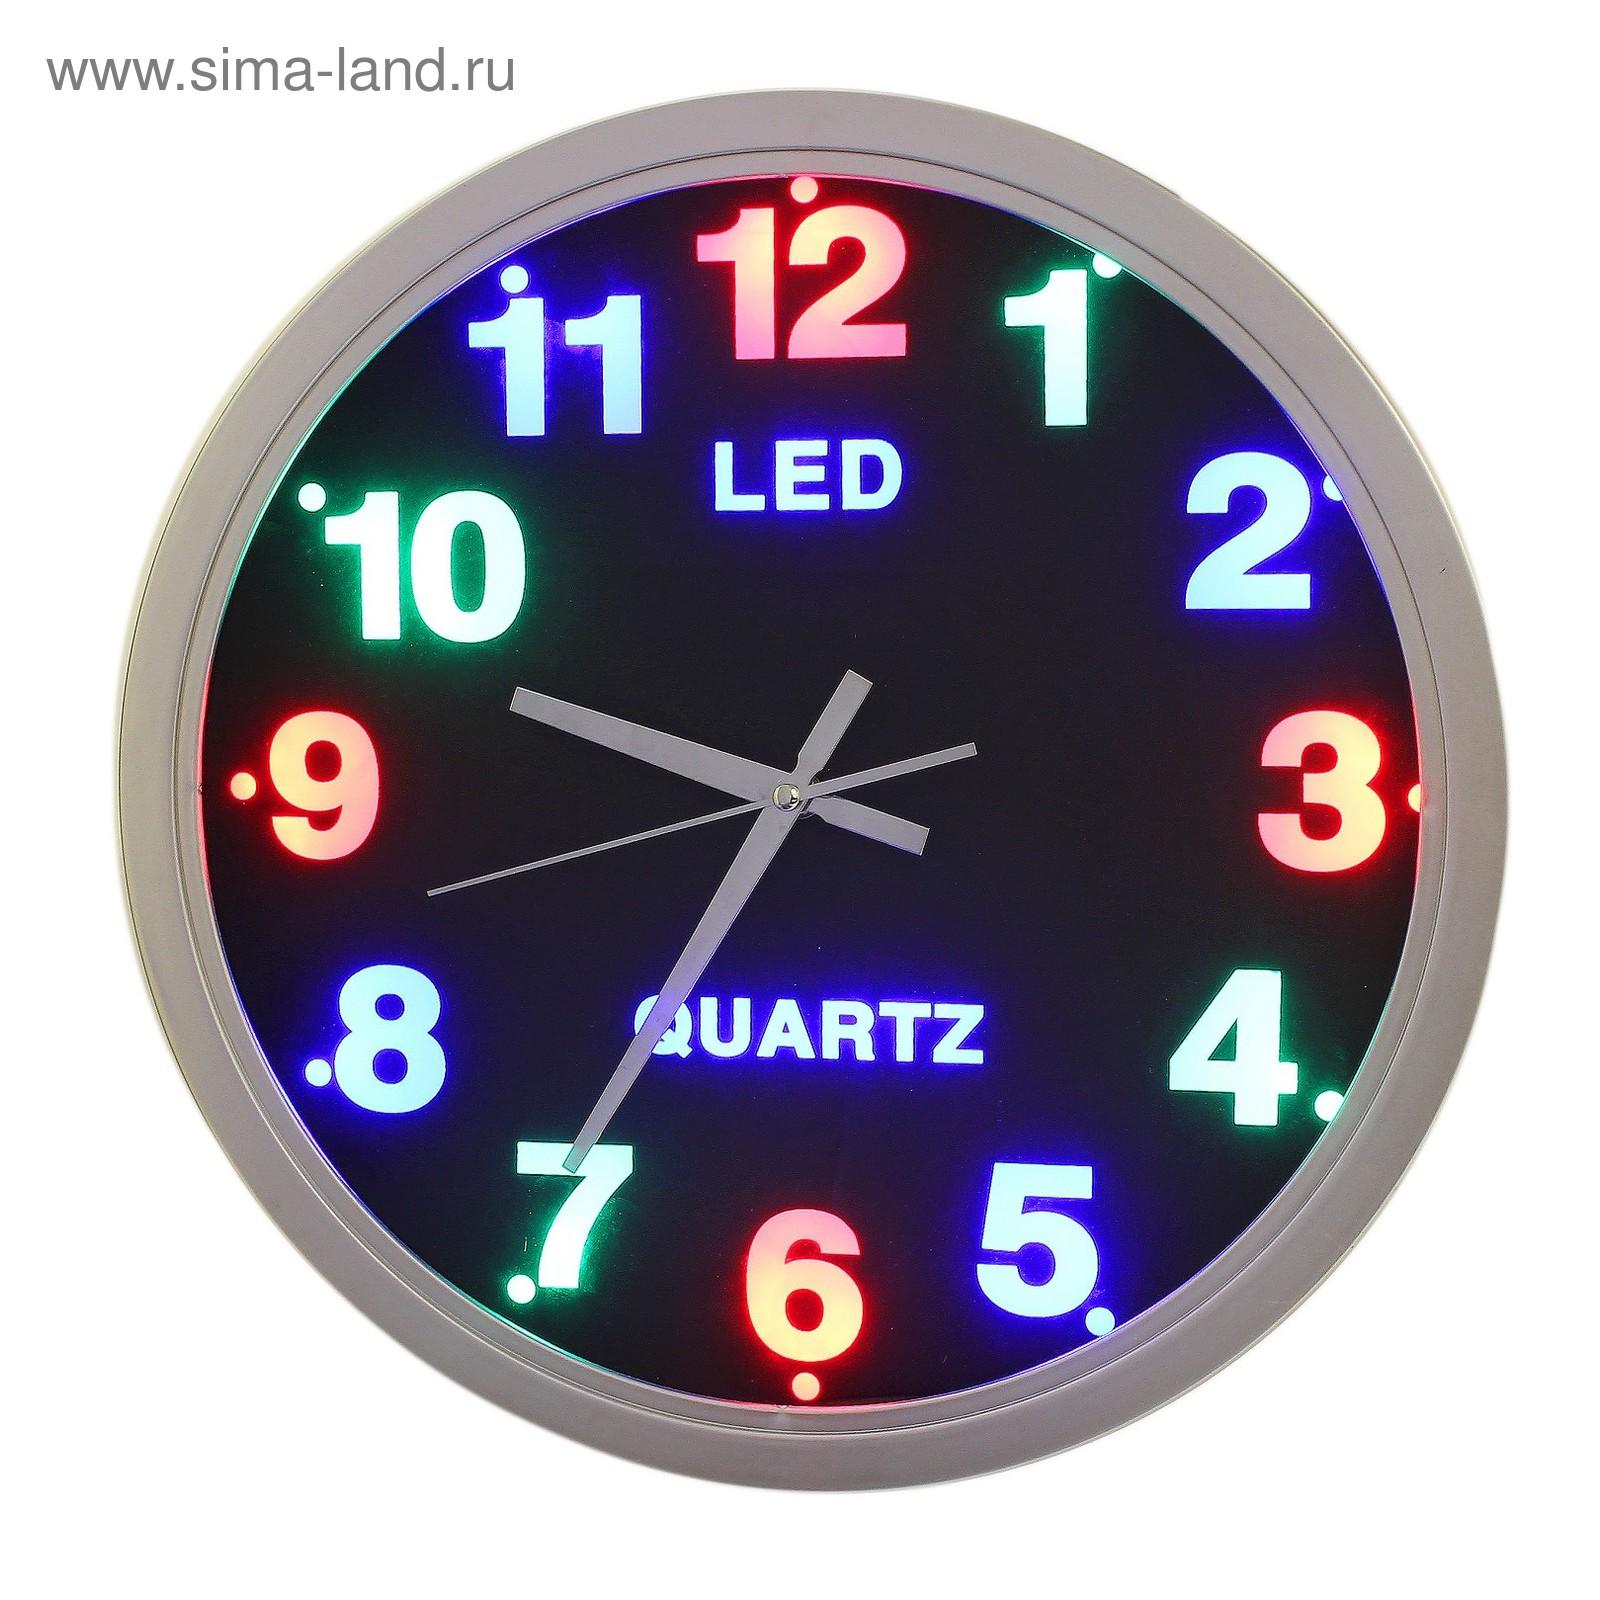 Часы светящиеся купить купить часы женские candino